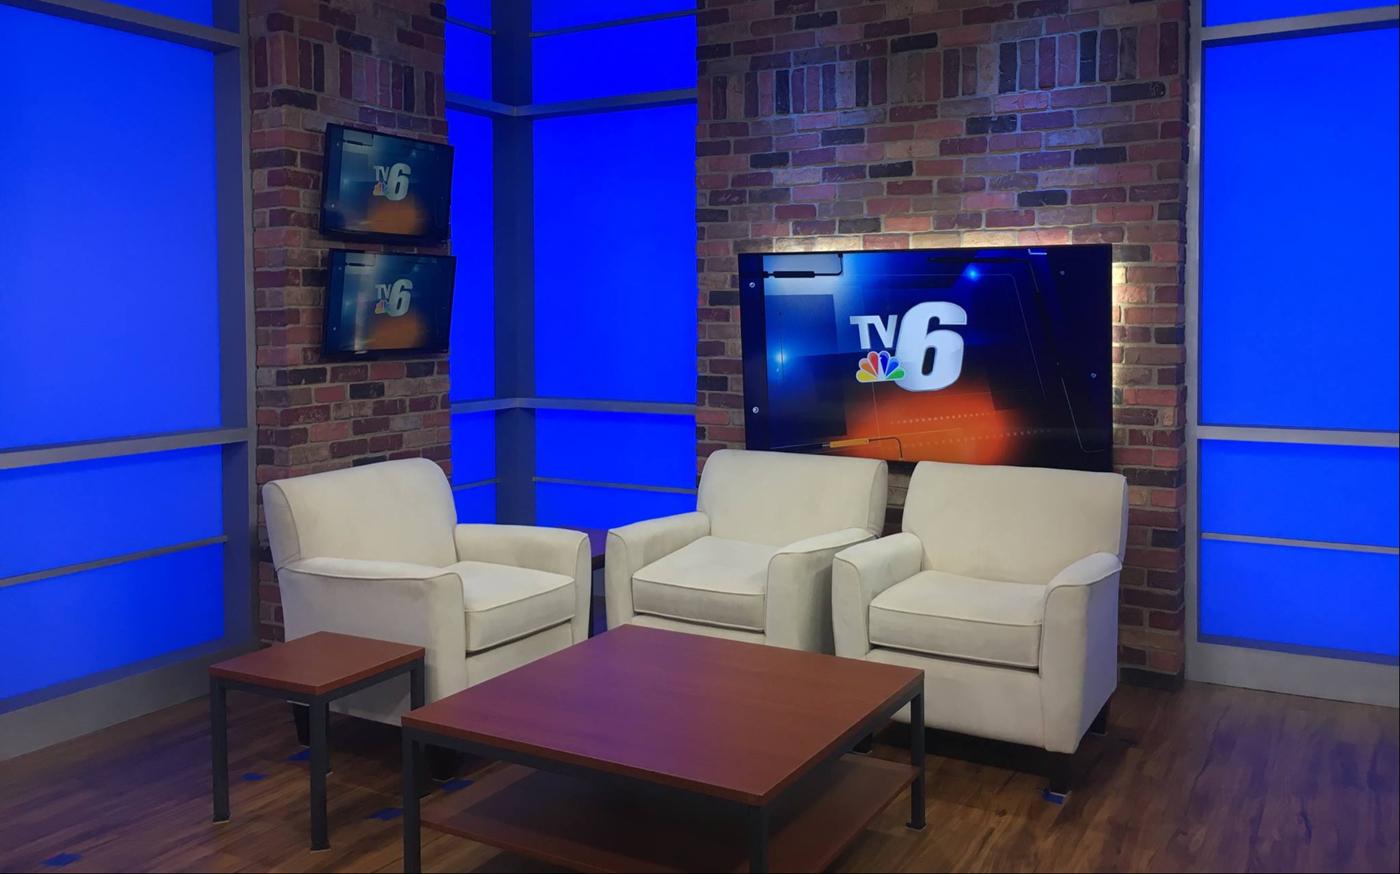 ncs_tv6-wluc-tv-studio_0010